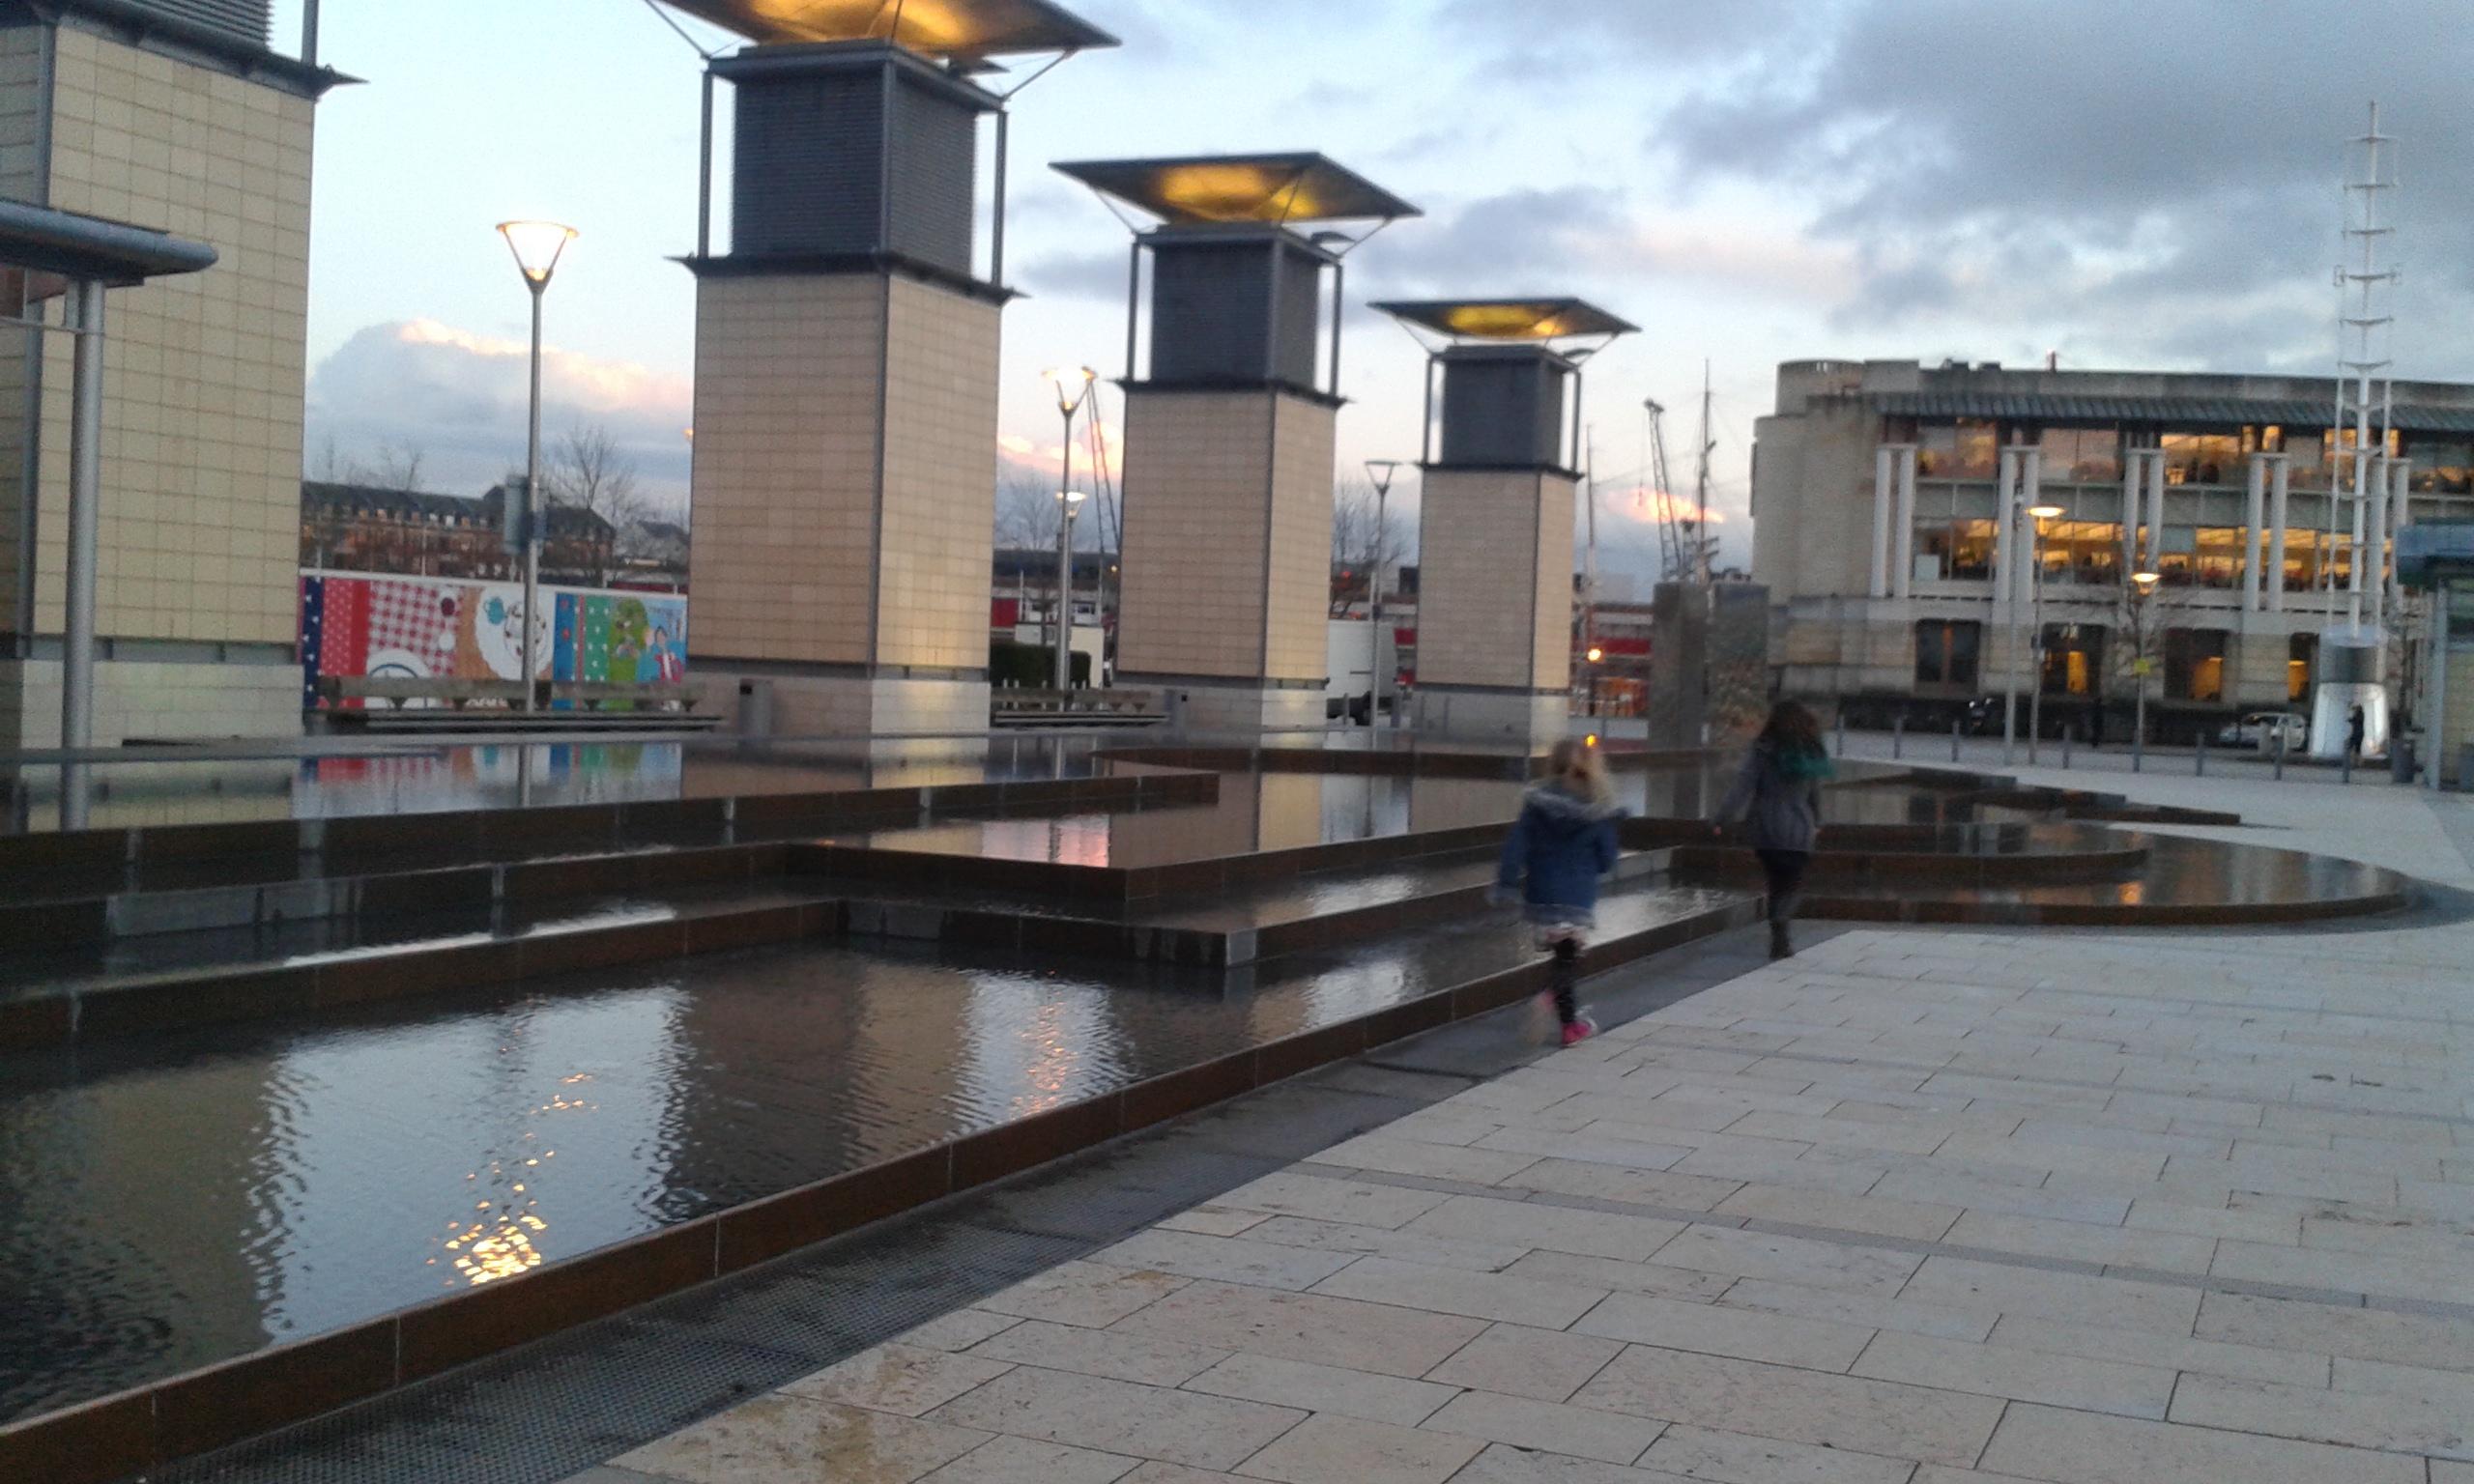 Millenium Square, Bristol